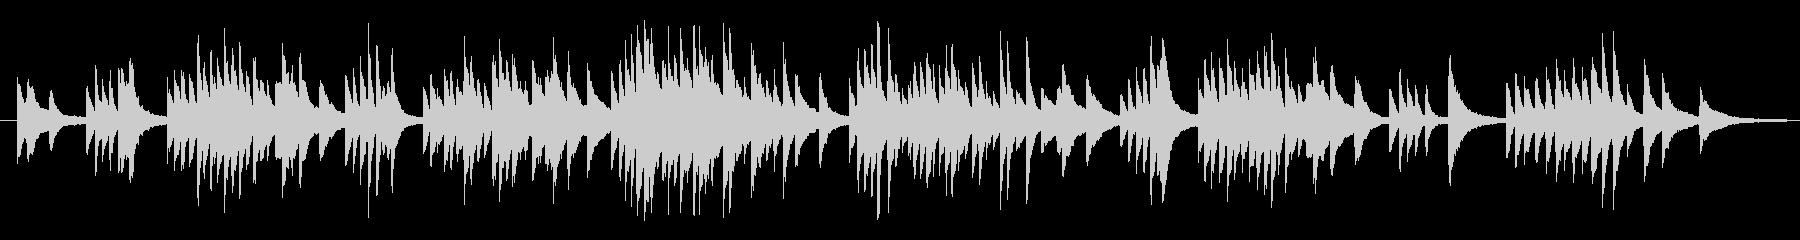 シューマン ピアノ曲 トロイメライの未再生の波形